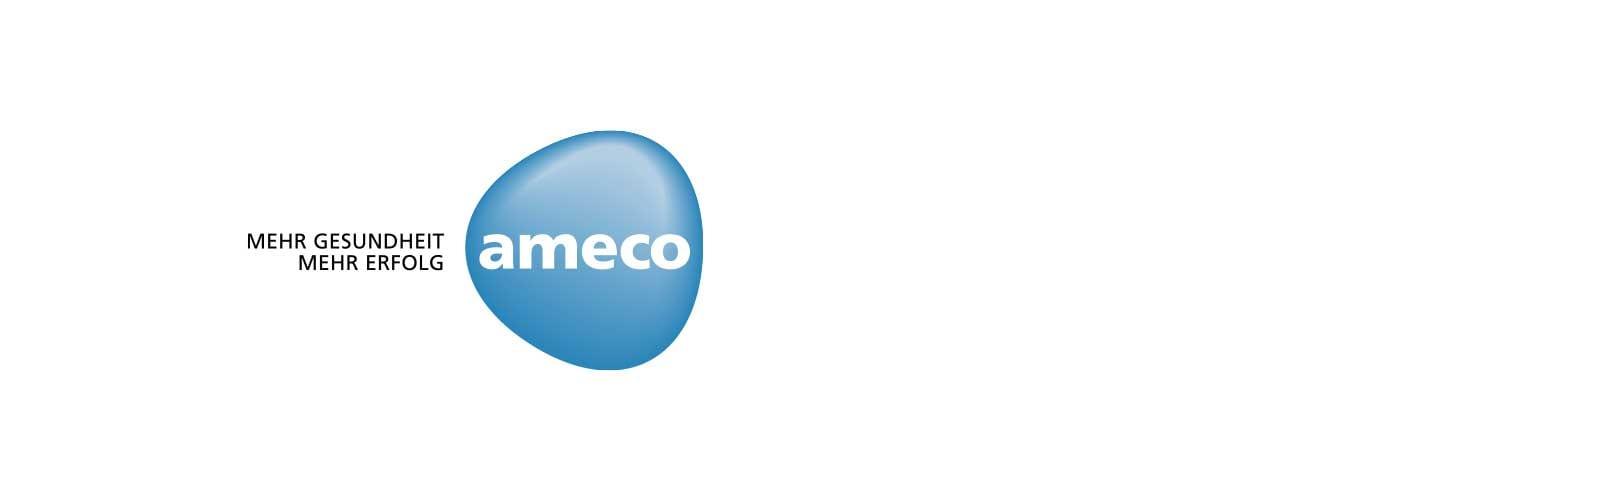 Zum Thema <b>Gesundheit am Arbeitsplatz</b> bietet ameco ein umfassendes und multiprofessionelles Angebot.